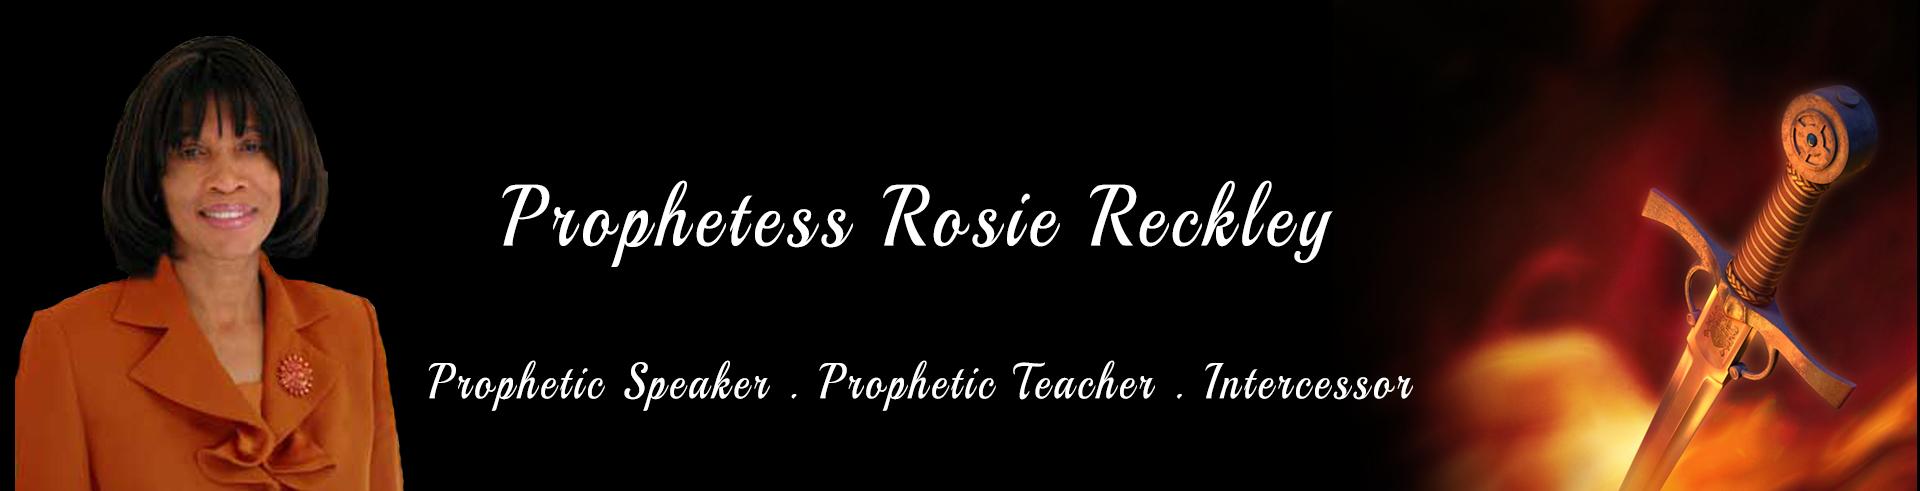 2013 Prophetic Word